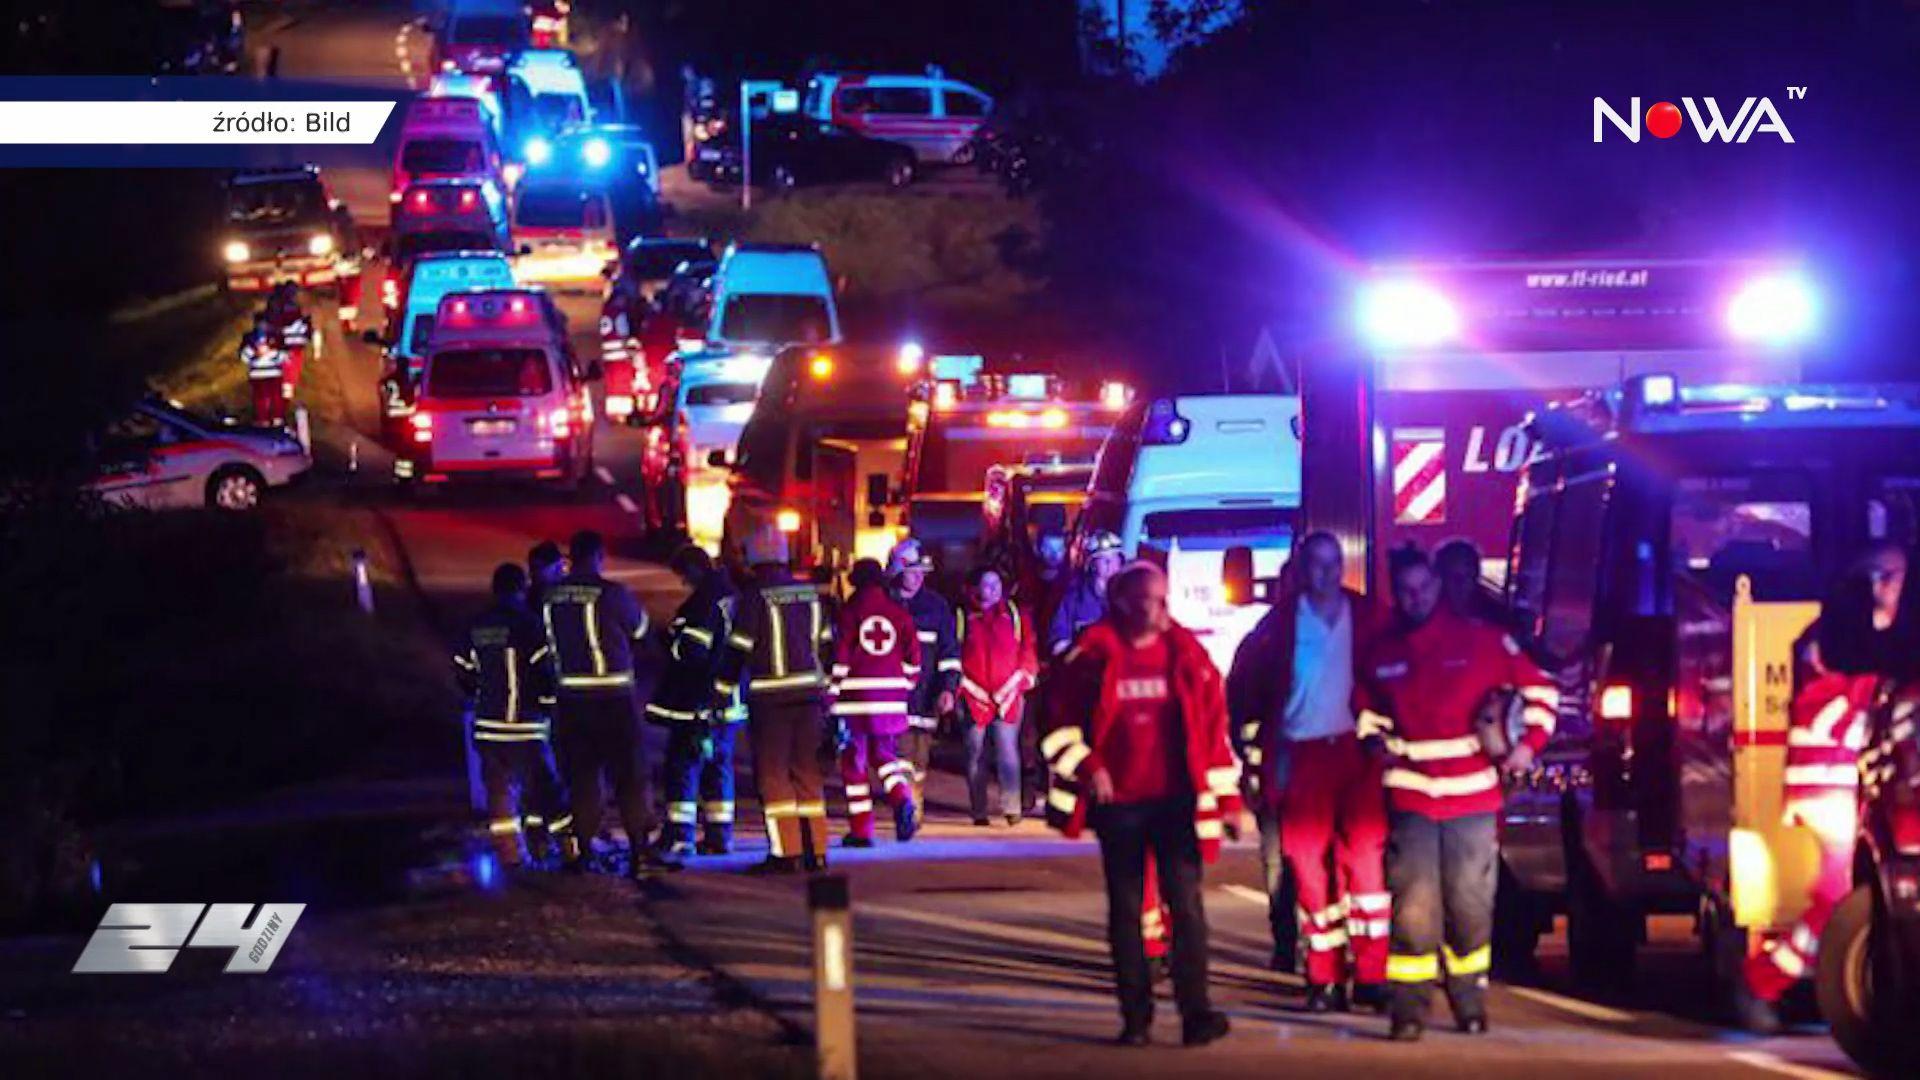 Potężna nawałnica niedaleko Salburga w Austrii. Nie żyją dwie osoby, kilkadziesiąt jest rannych.